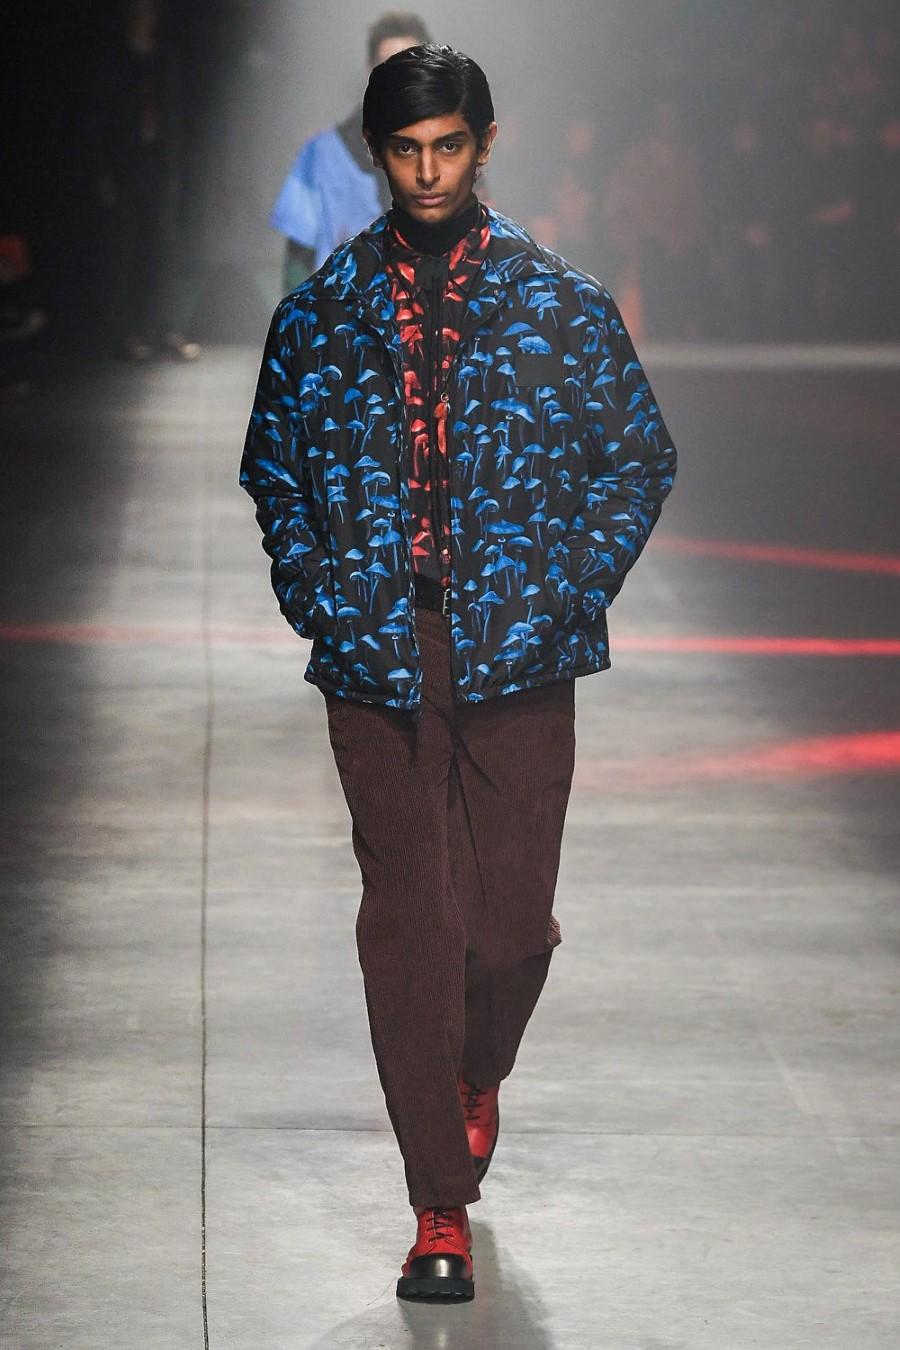 MSGM - Fall Winter 2020 - Milano Fashion Week Men'sMSGM - Fall Winter 2020 - Milano Fashion Week Men's